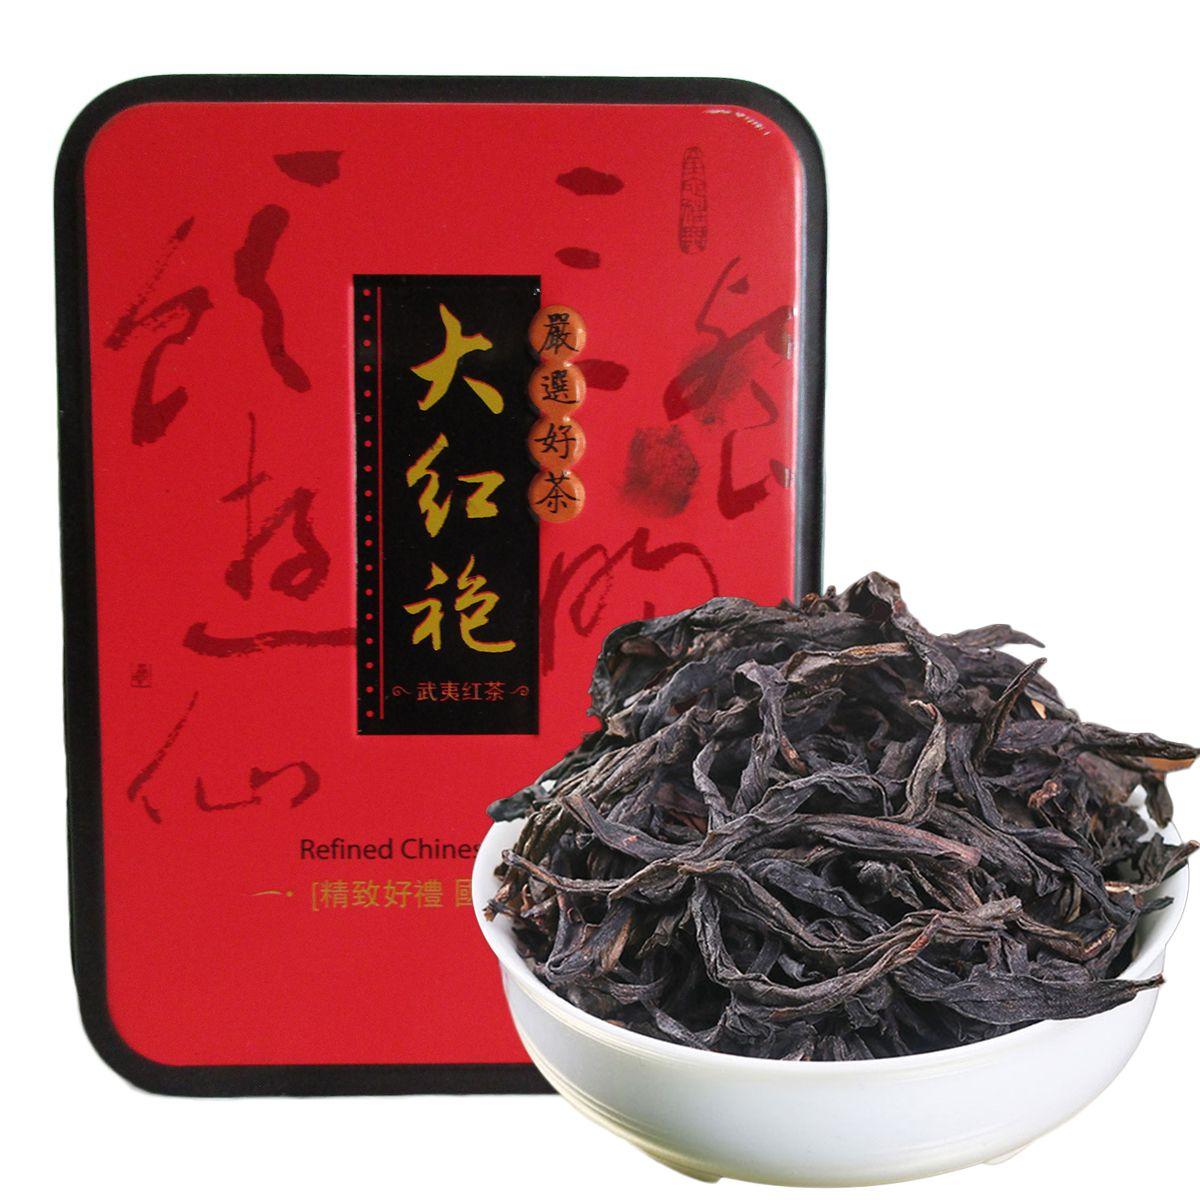 104g Çin Organik Siyah Çay Big Red Robe Dahongpao Oolong Kırmızı Çay Sağlık Yeni Pişmiş çay Yeşil Gıda hediye kutusu ambalaj